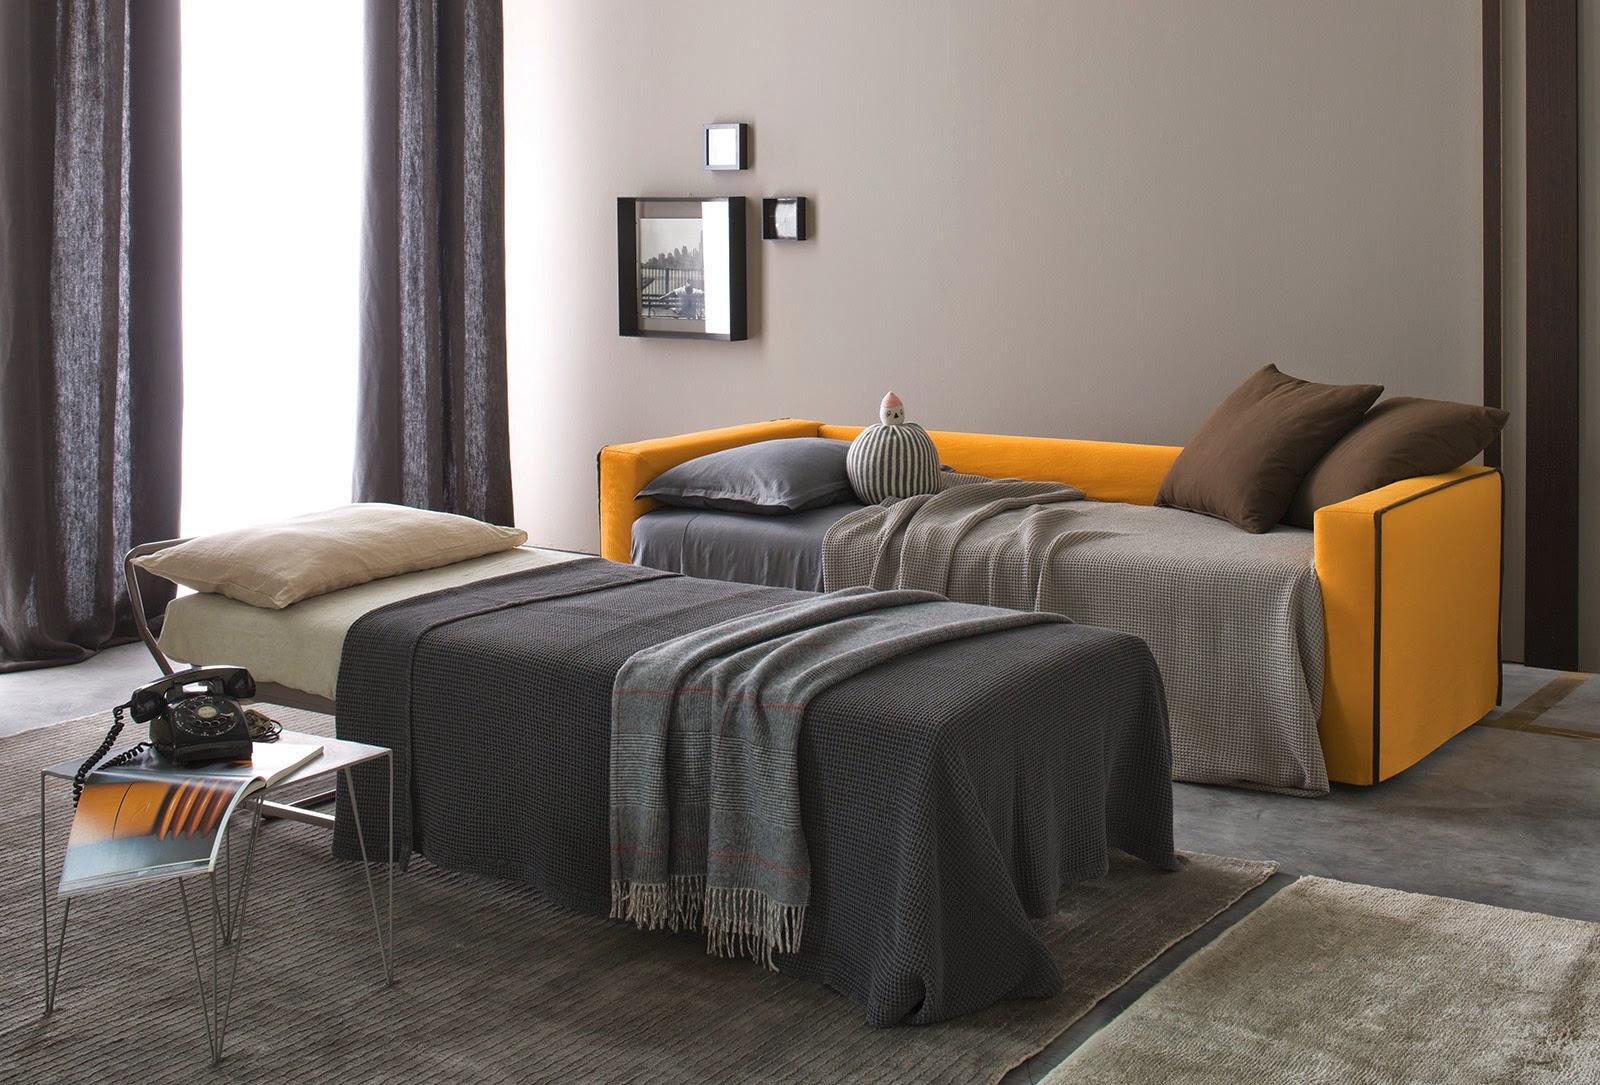 Nuovo divano letto singolo tino mariani for Divano letto nuovo